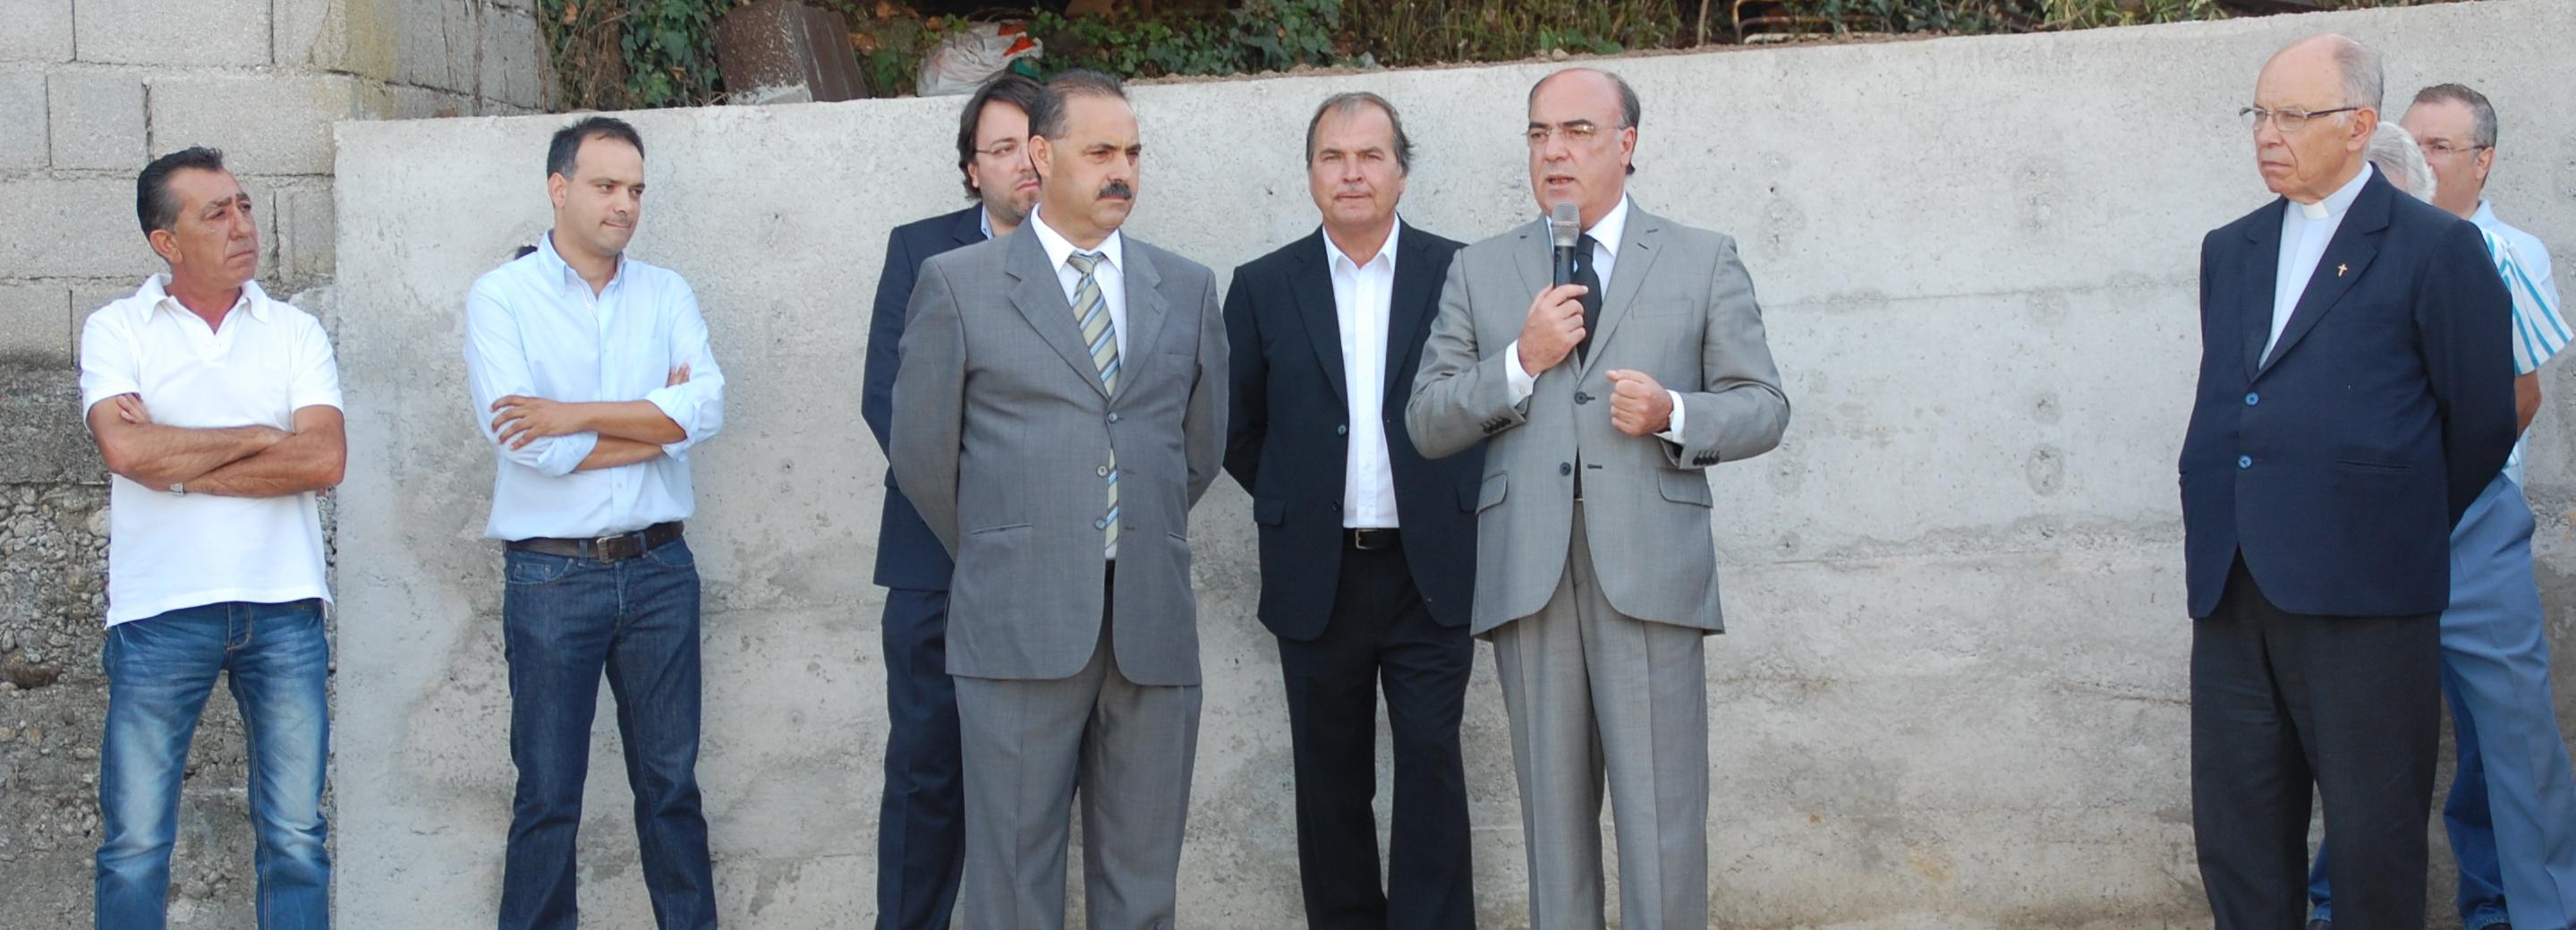 Presidente da Câmara visitou obras anexas ao cemitério de Galegos S. Martinho